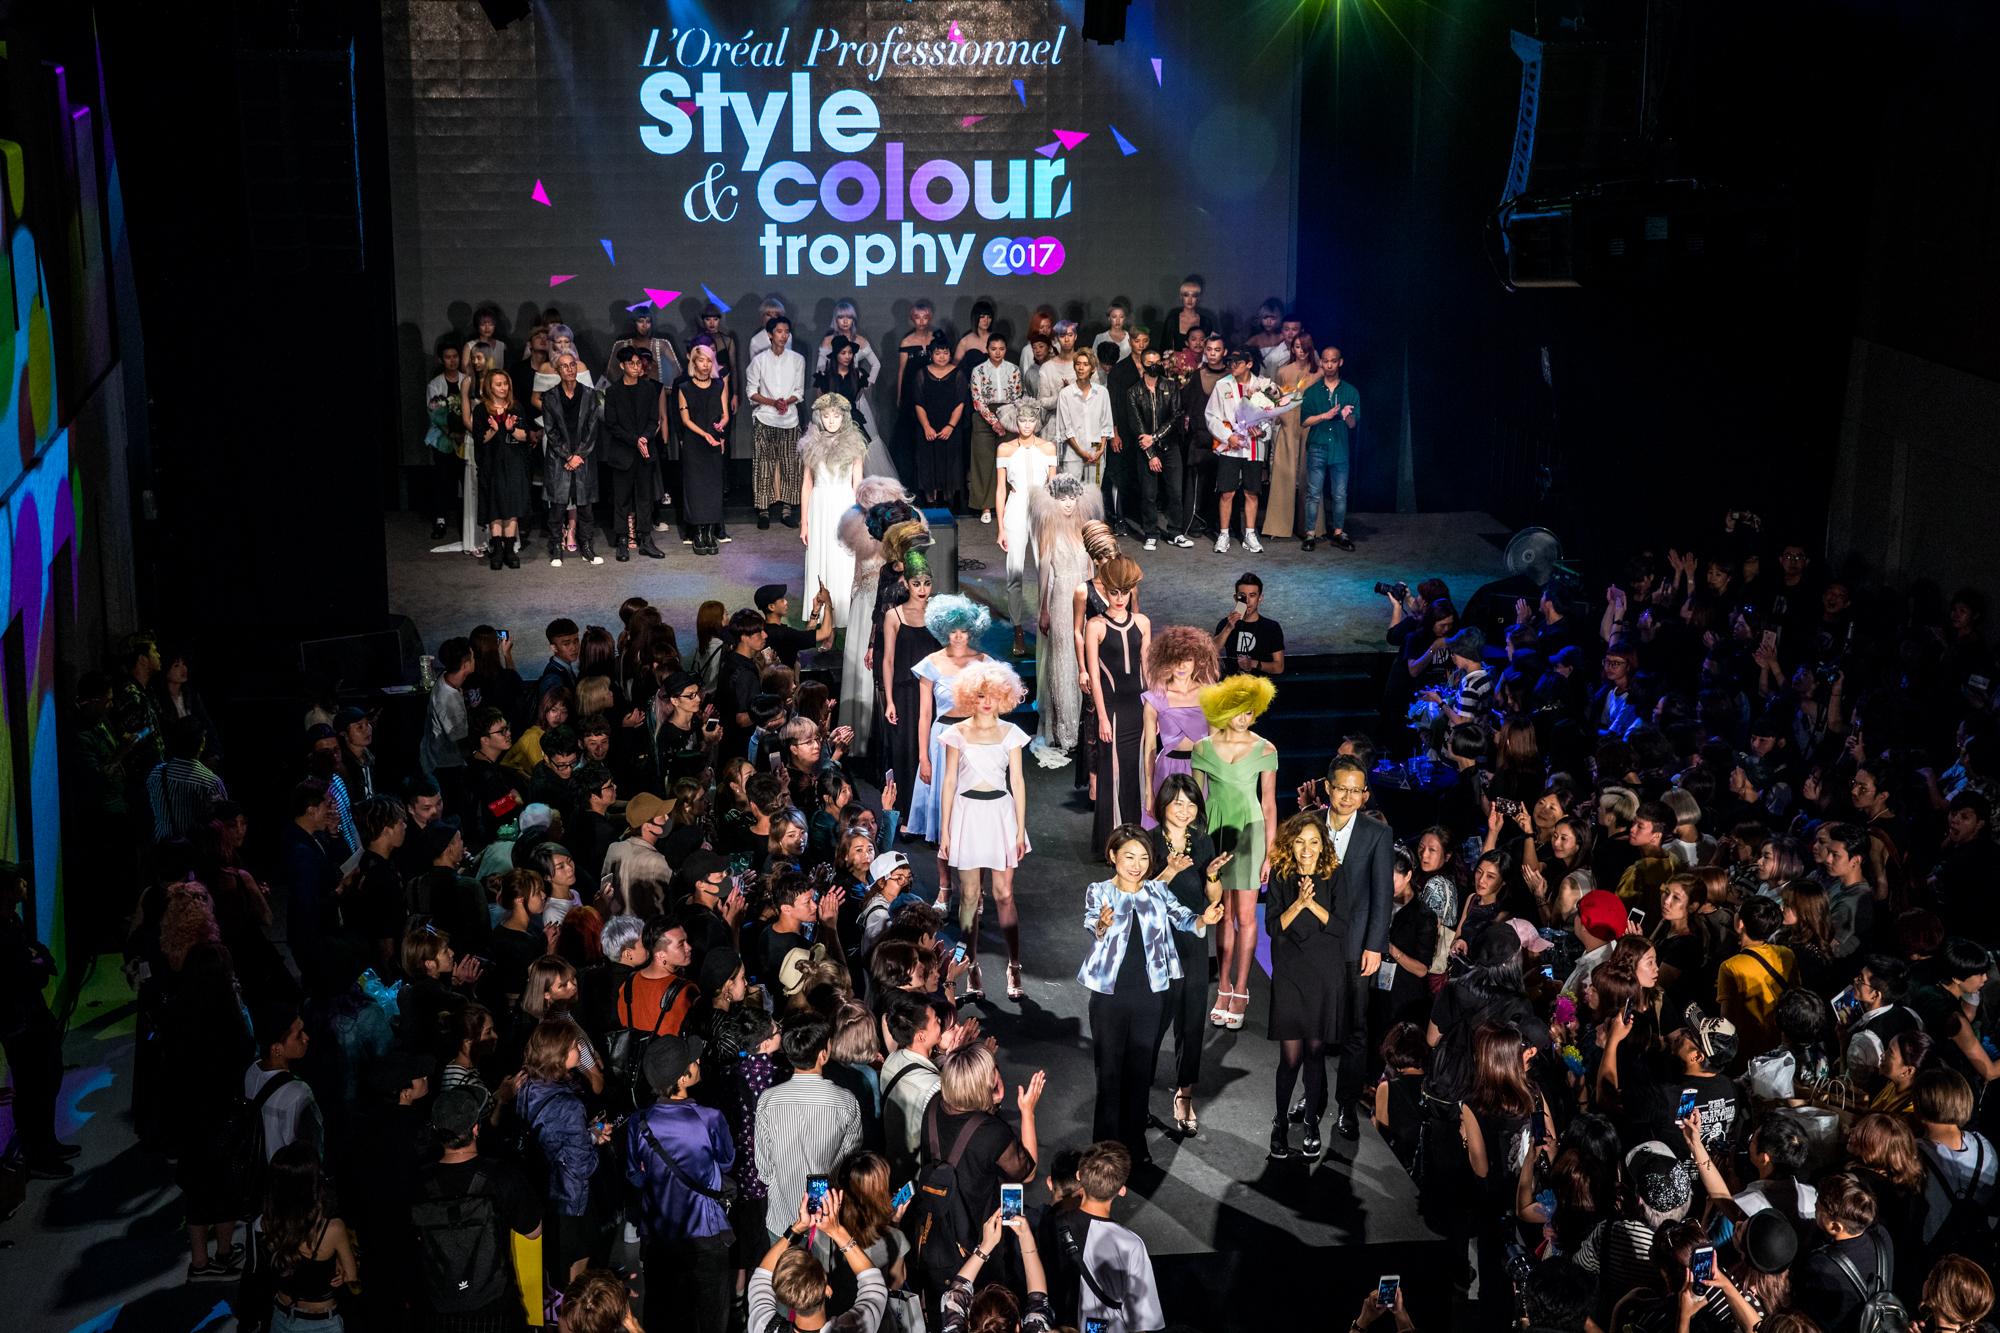 L'Oréal | 2017 Color Trophy